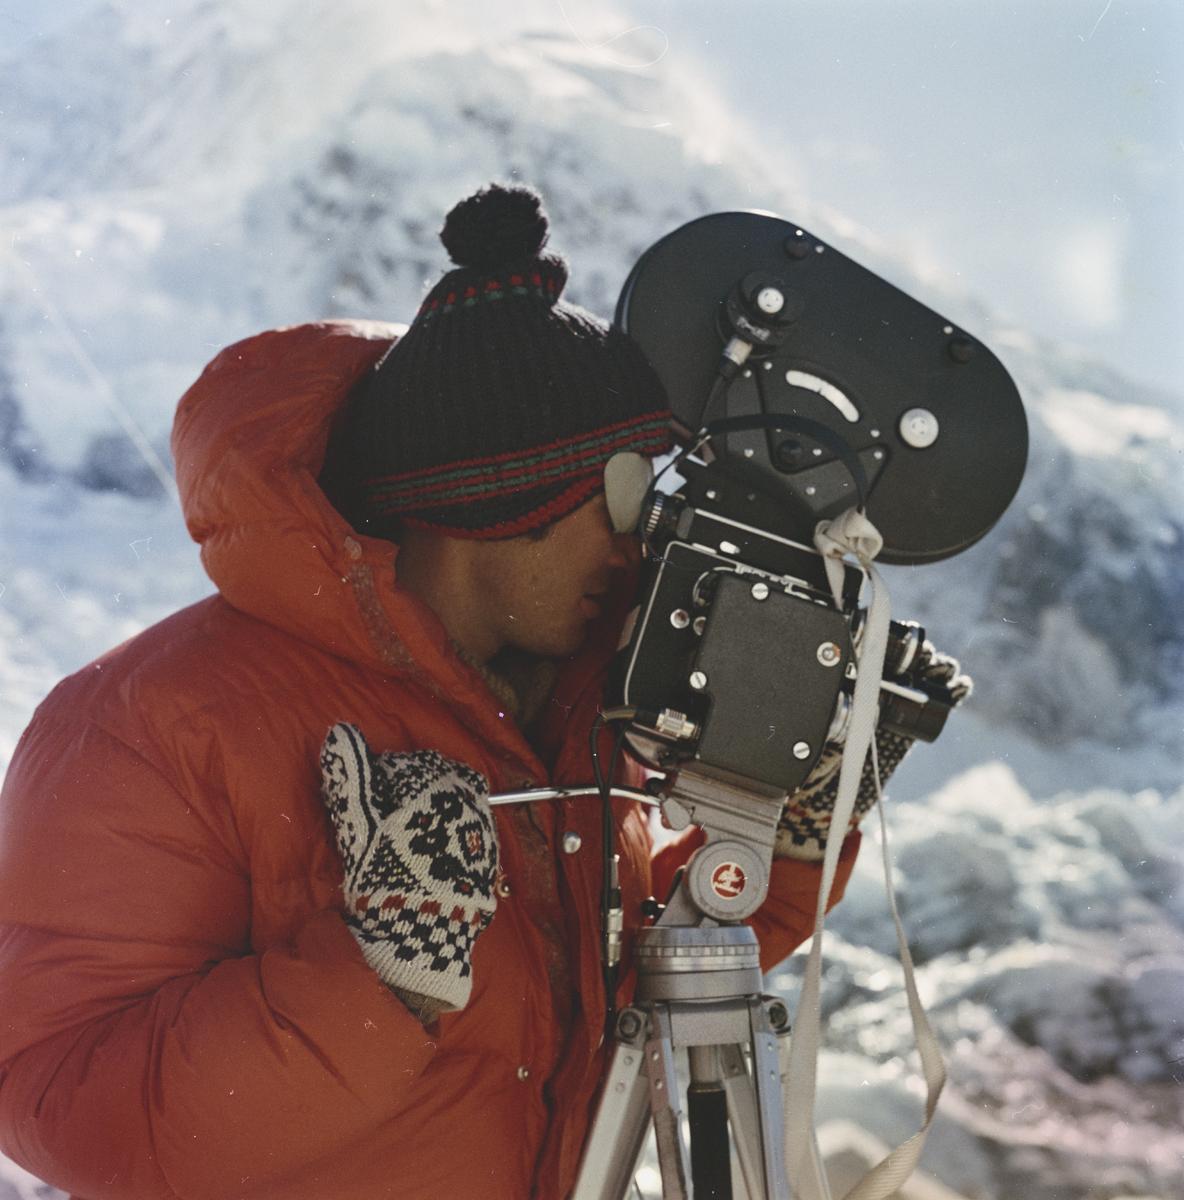 Stanisław Latałło w trakcie wyprawy na Lhotse, 1974. Fot. Mirek Wiśniewski